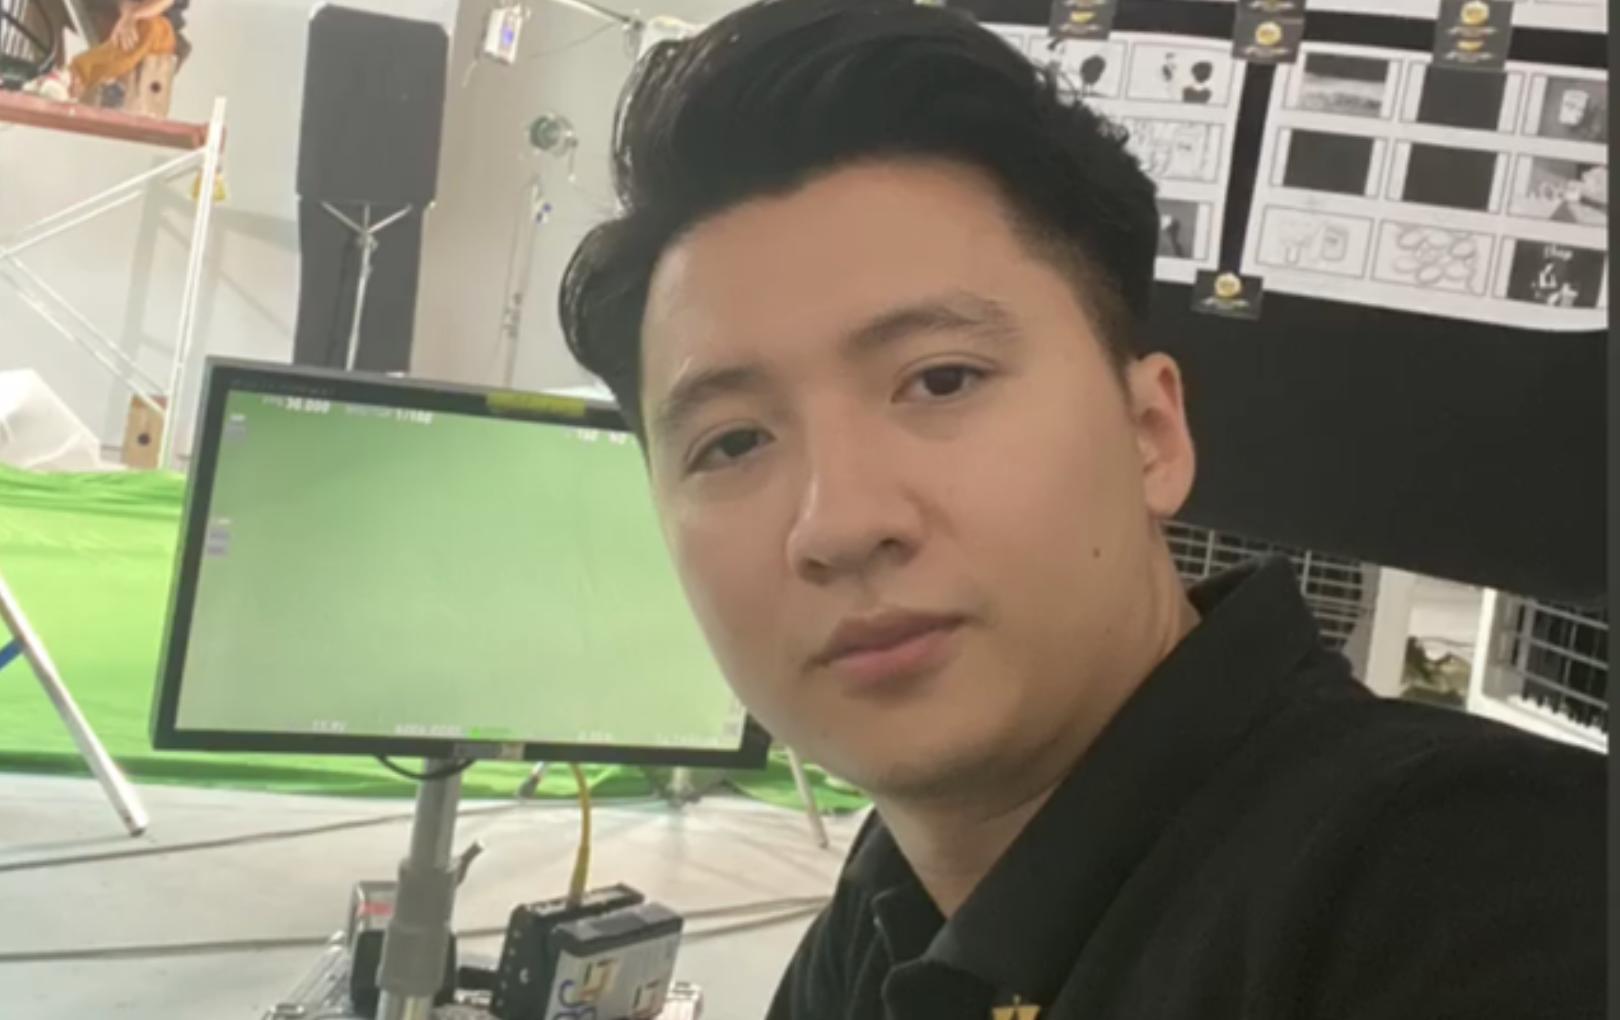 Trọng Hưng bất ngờ mượn nhạc Sơn Tùng M-TP để đăng story tâm trạng, có ẩn ý gì chăng?